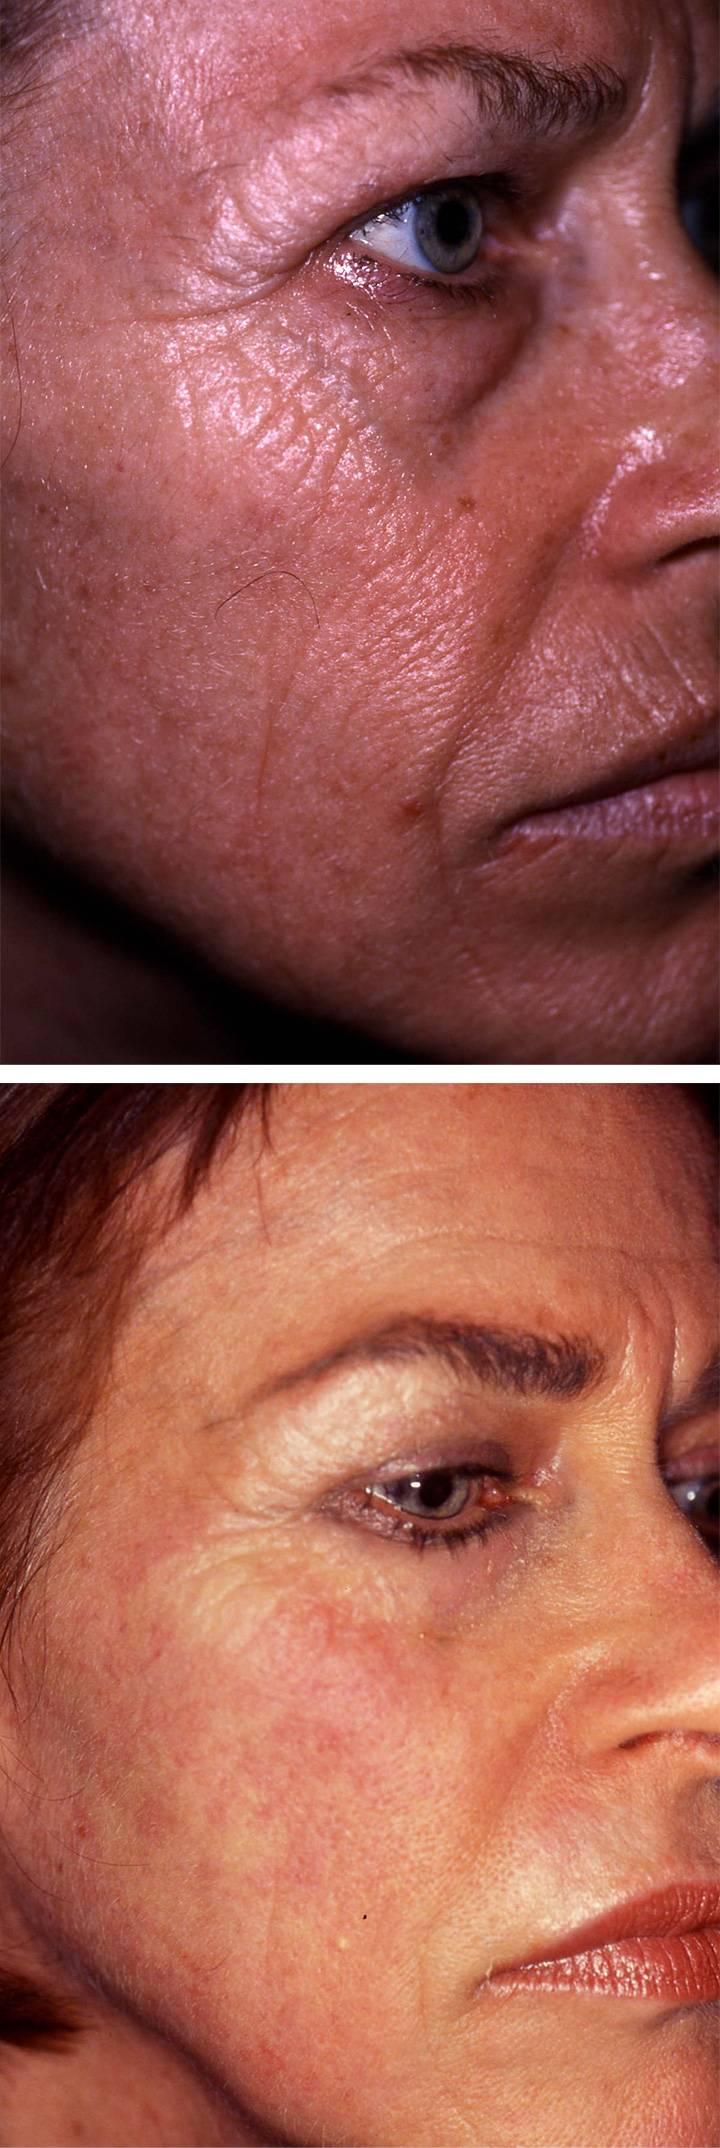 laser skin resurfacing 8